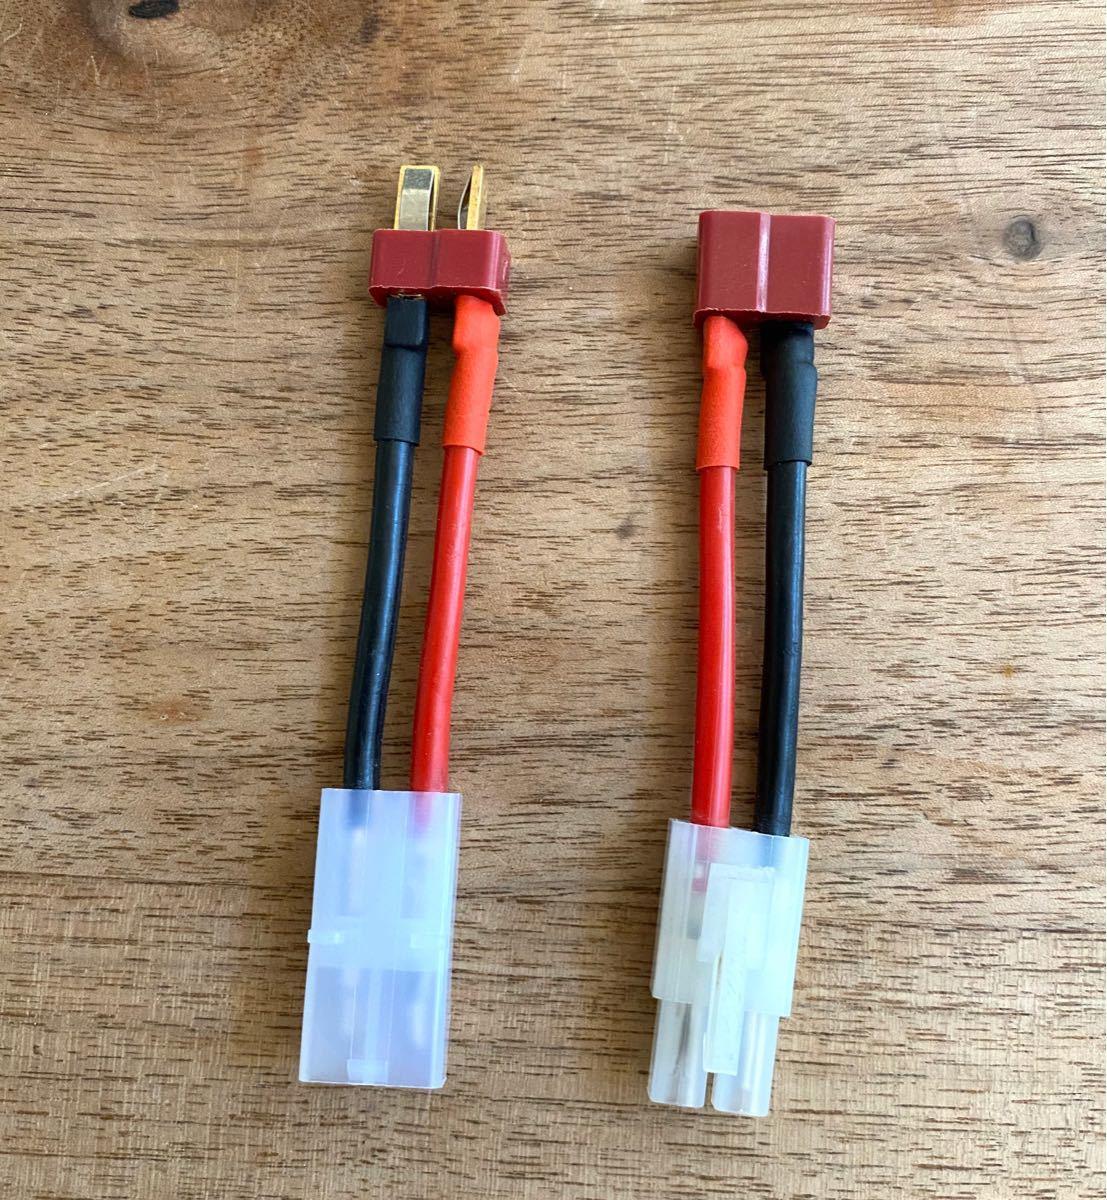 コネクター 変換 セット T型 タミヤ ラジコン ドローン